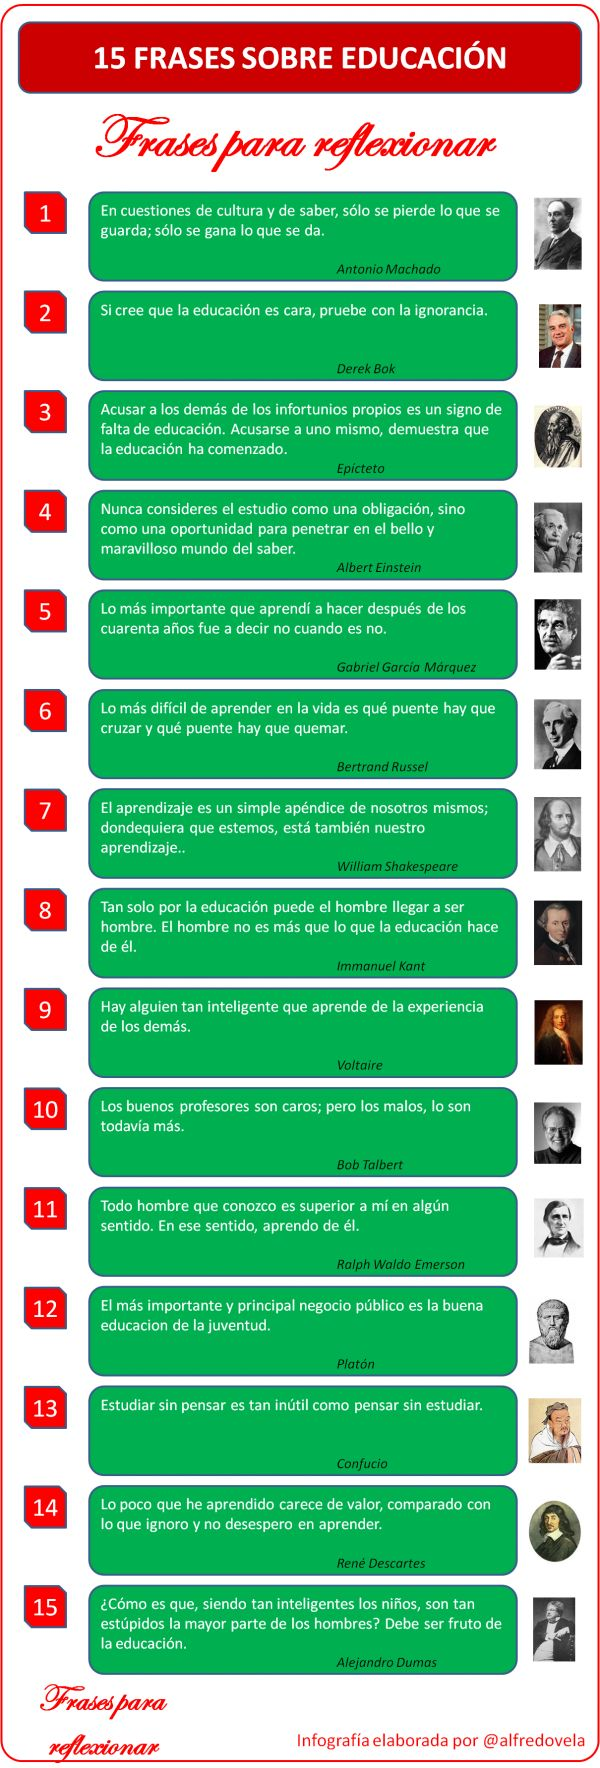 15 frases sobre educación #infografia